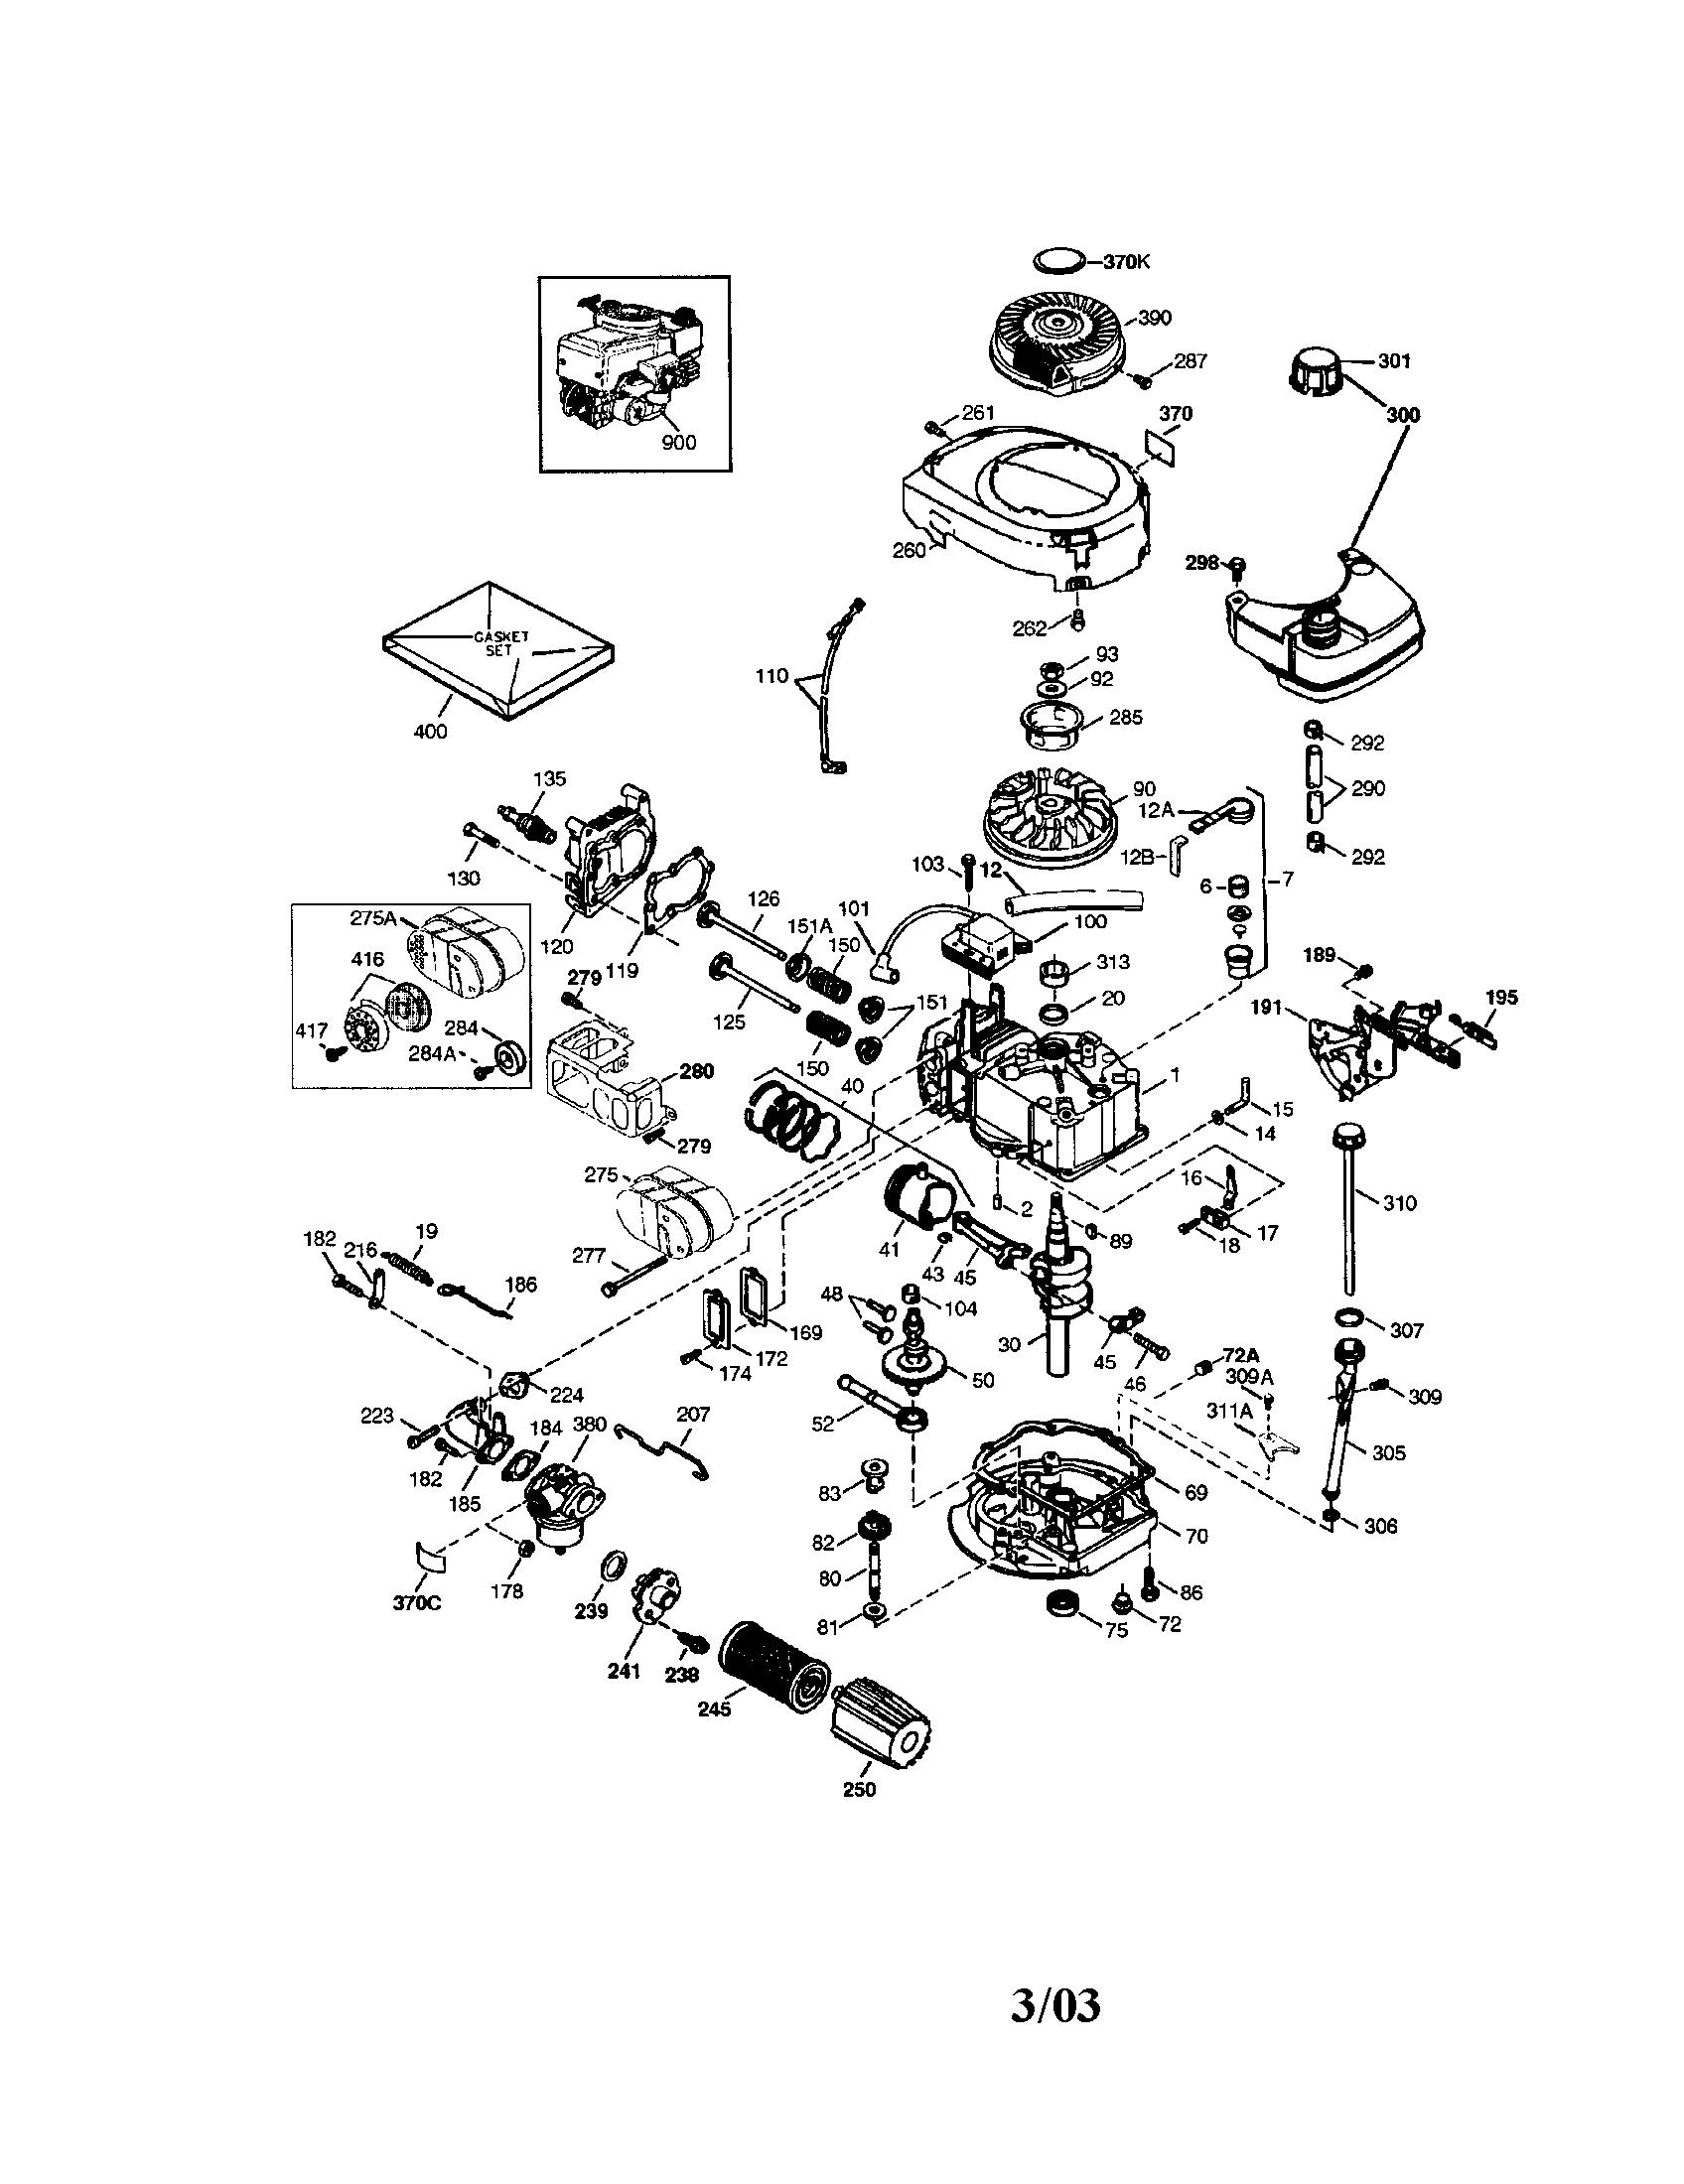 tecumseh potential relay wiring diagram